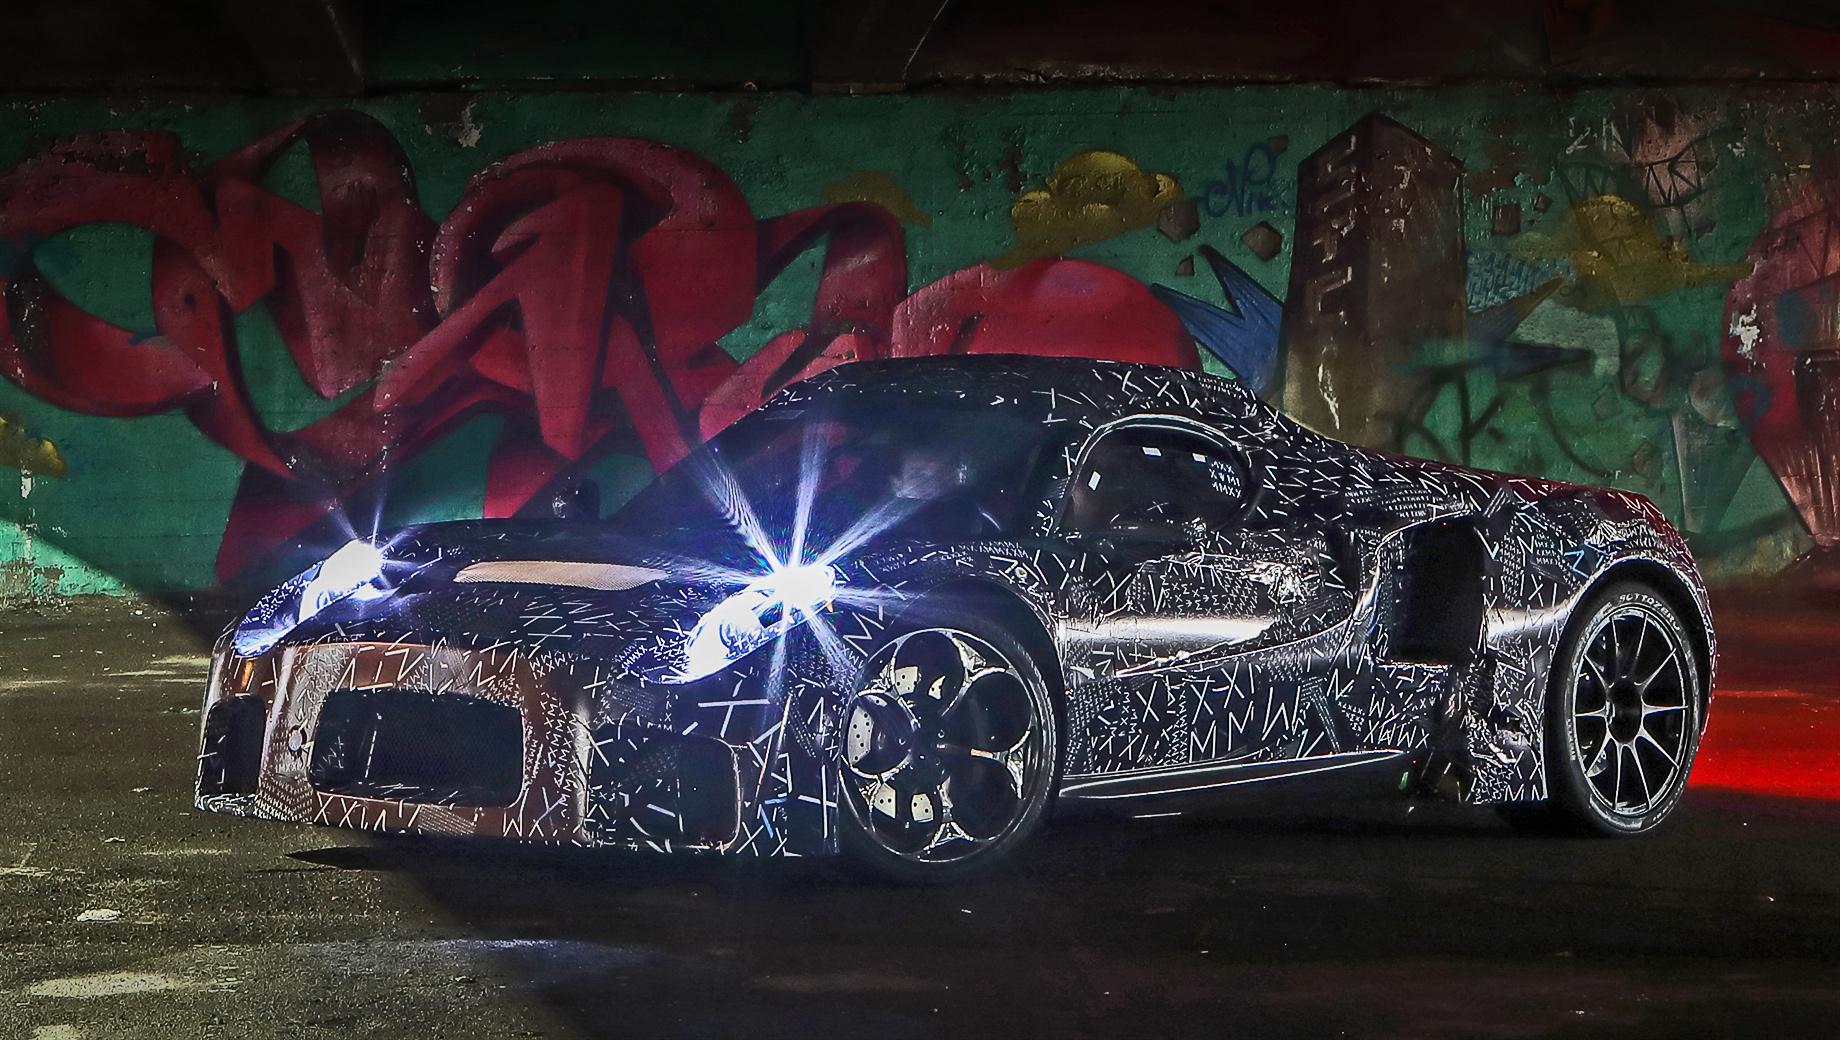 Maserati mc20. Прототип был впервые представлен в ноябре 2019-го на «официальных шпионских снимках», лишённых описания. Маскировка включает поддельные кузовные панели. Согласно плану компании, в 2021 году у двухдверки MC20 появится исполнение с открытым верхом.